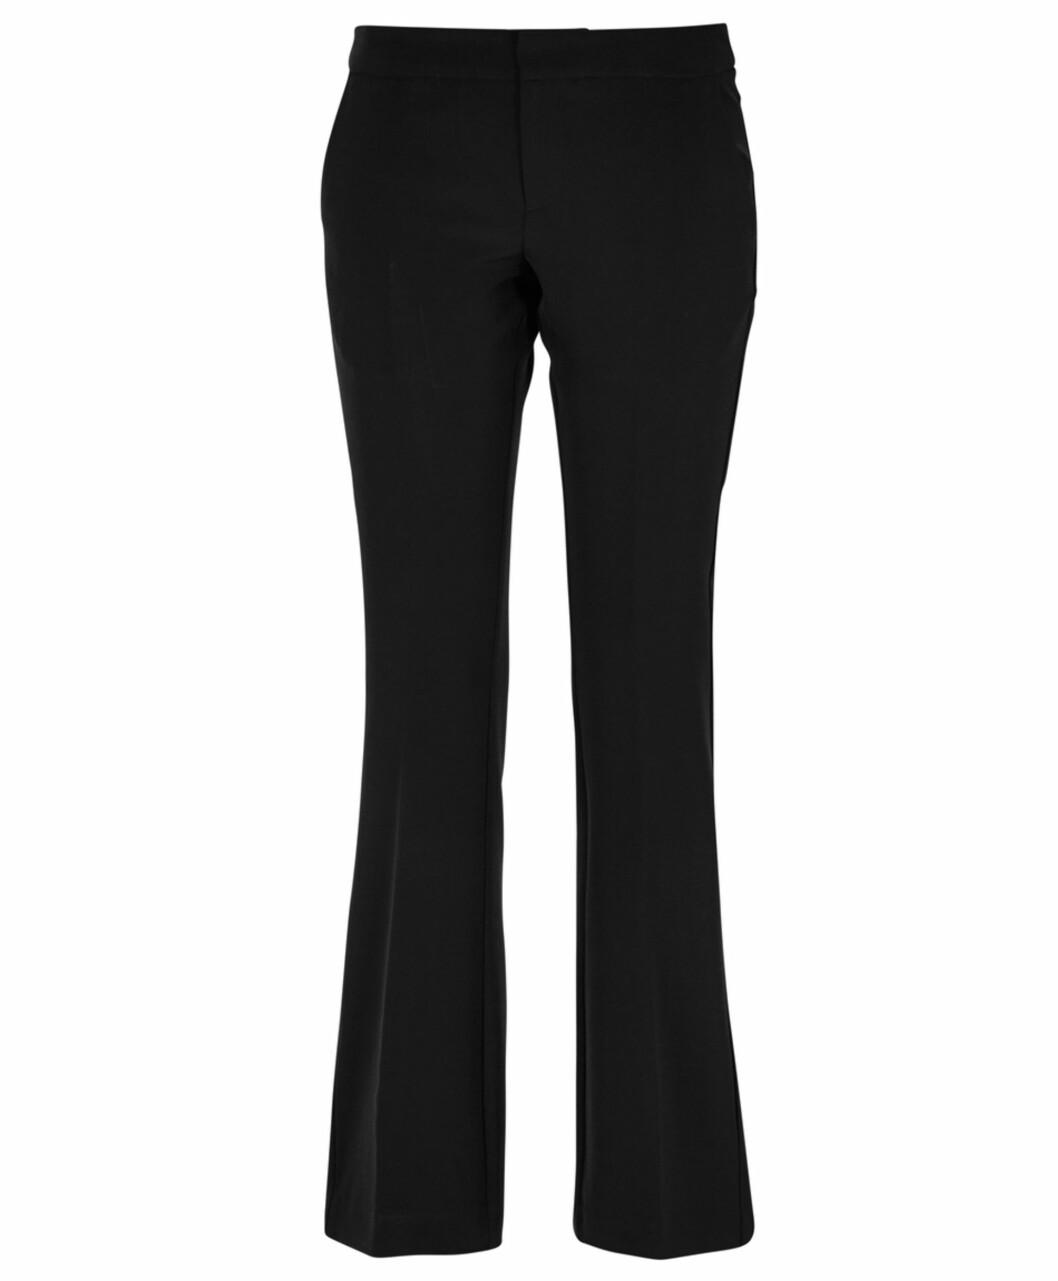 Bukse fra Gina Tricot, kr 399. Foto: Produsenten